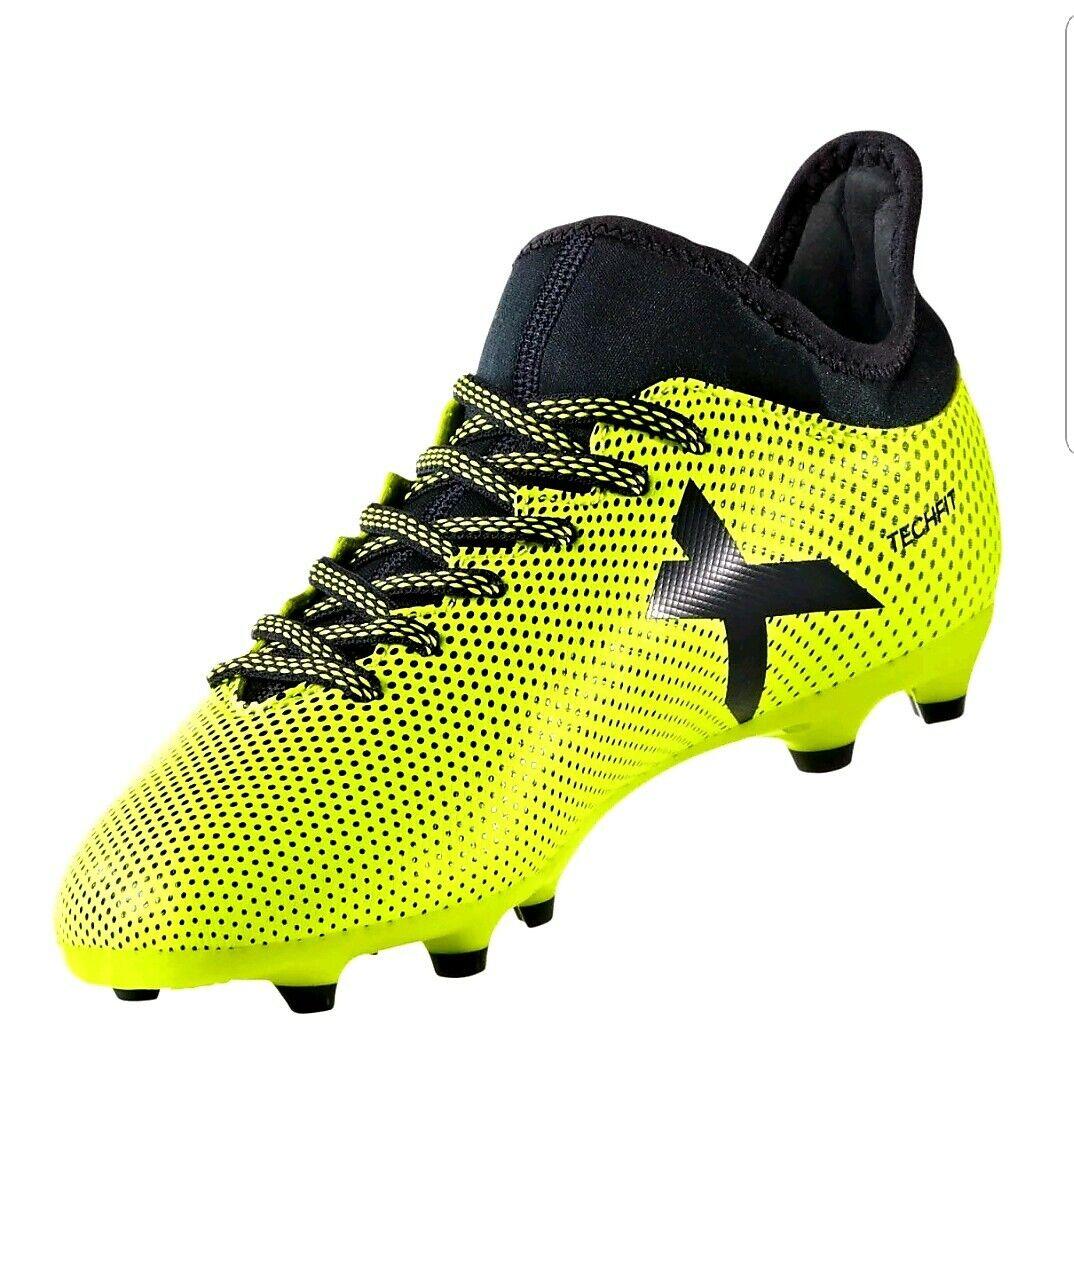 Adidas uomini x 17,3 17,3 17,3 fg terra ferma scarpe giallo solare s82366 sz 10,5 | Conveniente  | Scolaro/Ragazze Scarpa  18472a